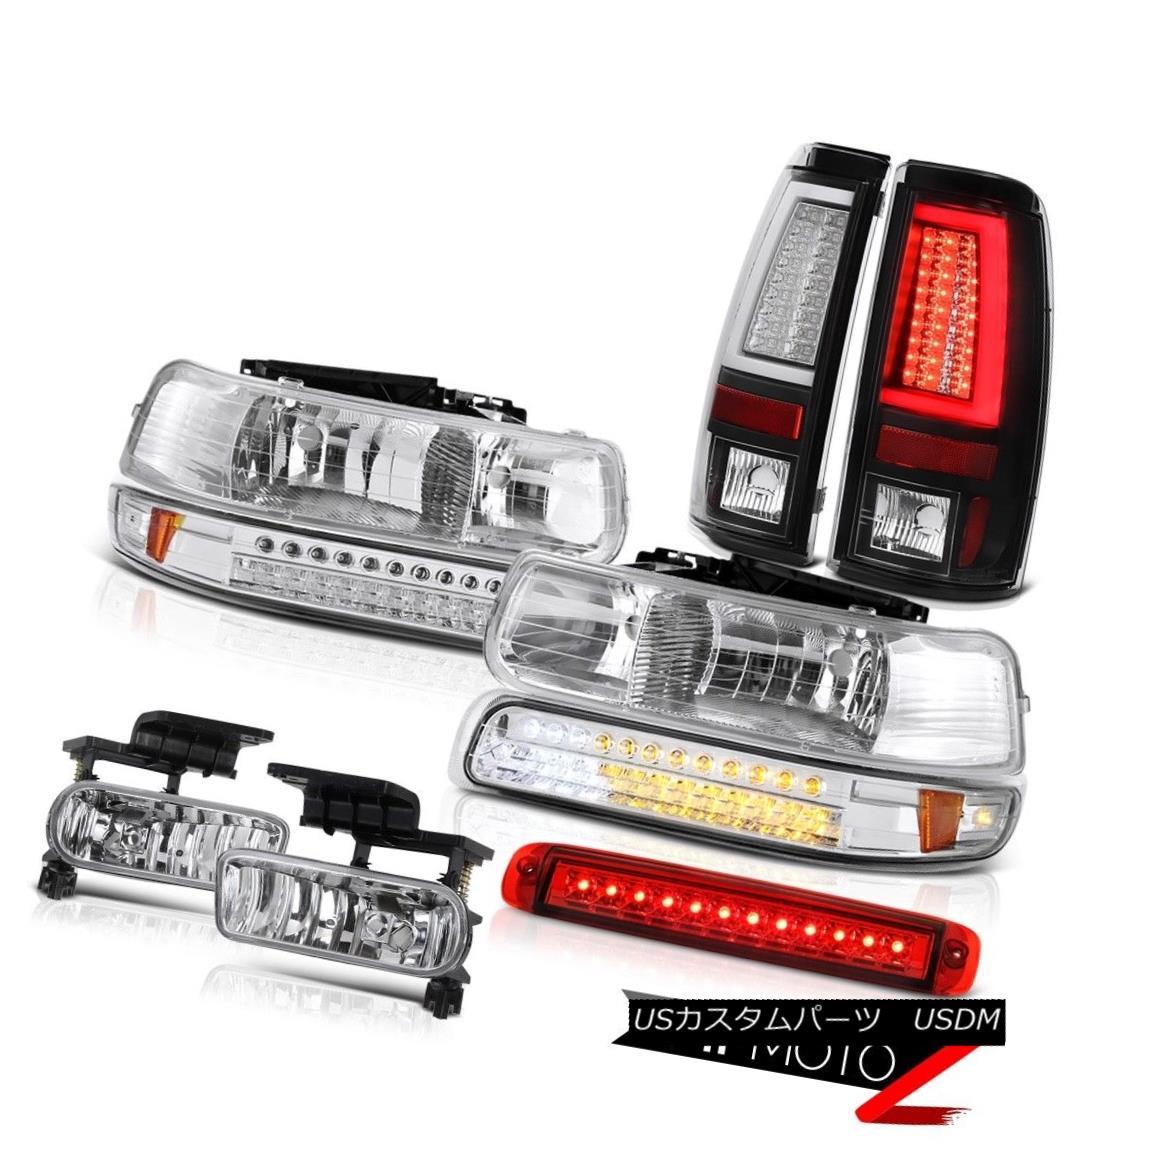 テールライト 99-02 Silverado LS Matte Black Tail Lights Roof Cargo Light Headlamps Foglamps 99-02 Silverado LSマットブラックテールライトルーフカーゴライトヘッドランプフォグランプ